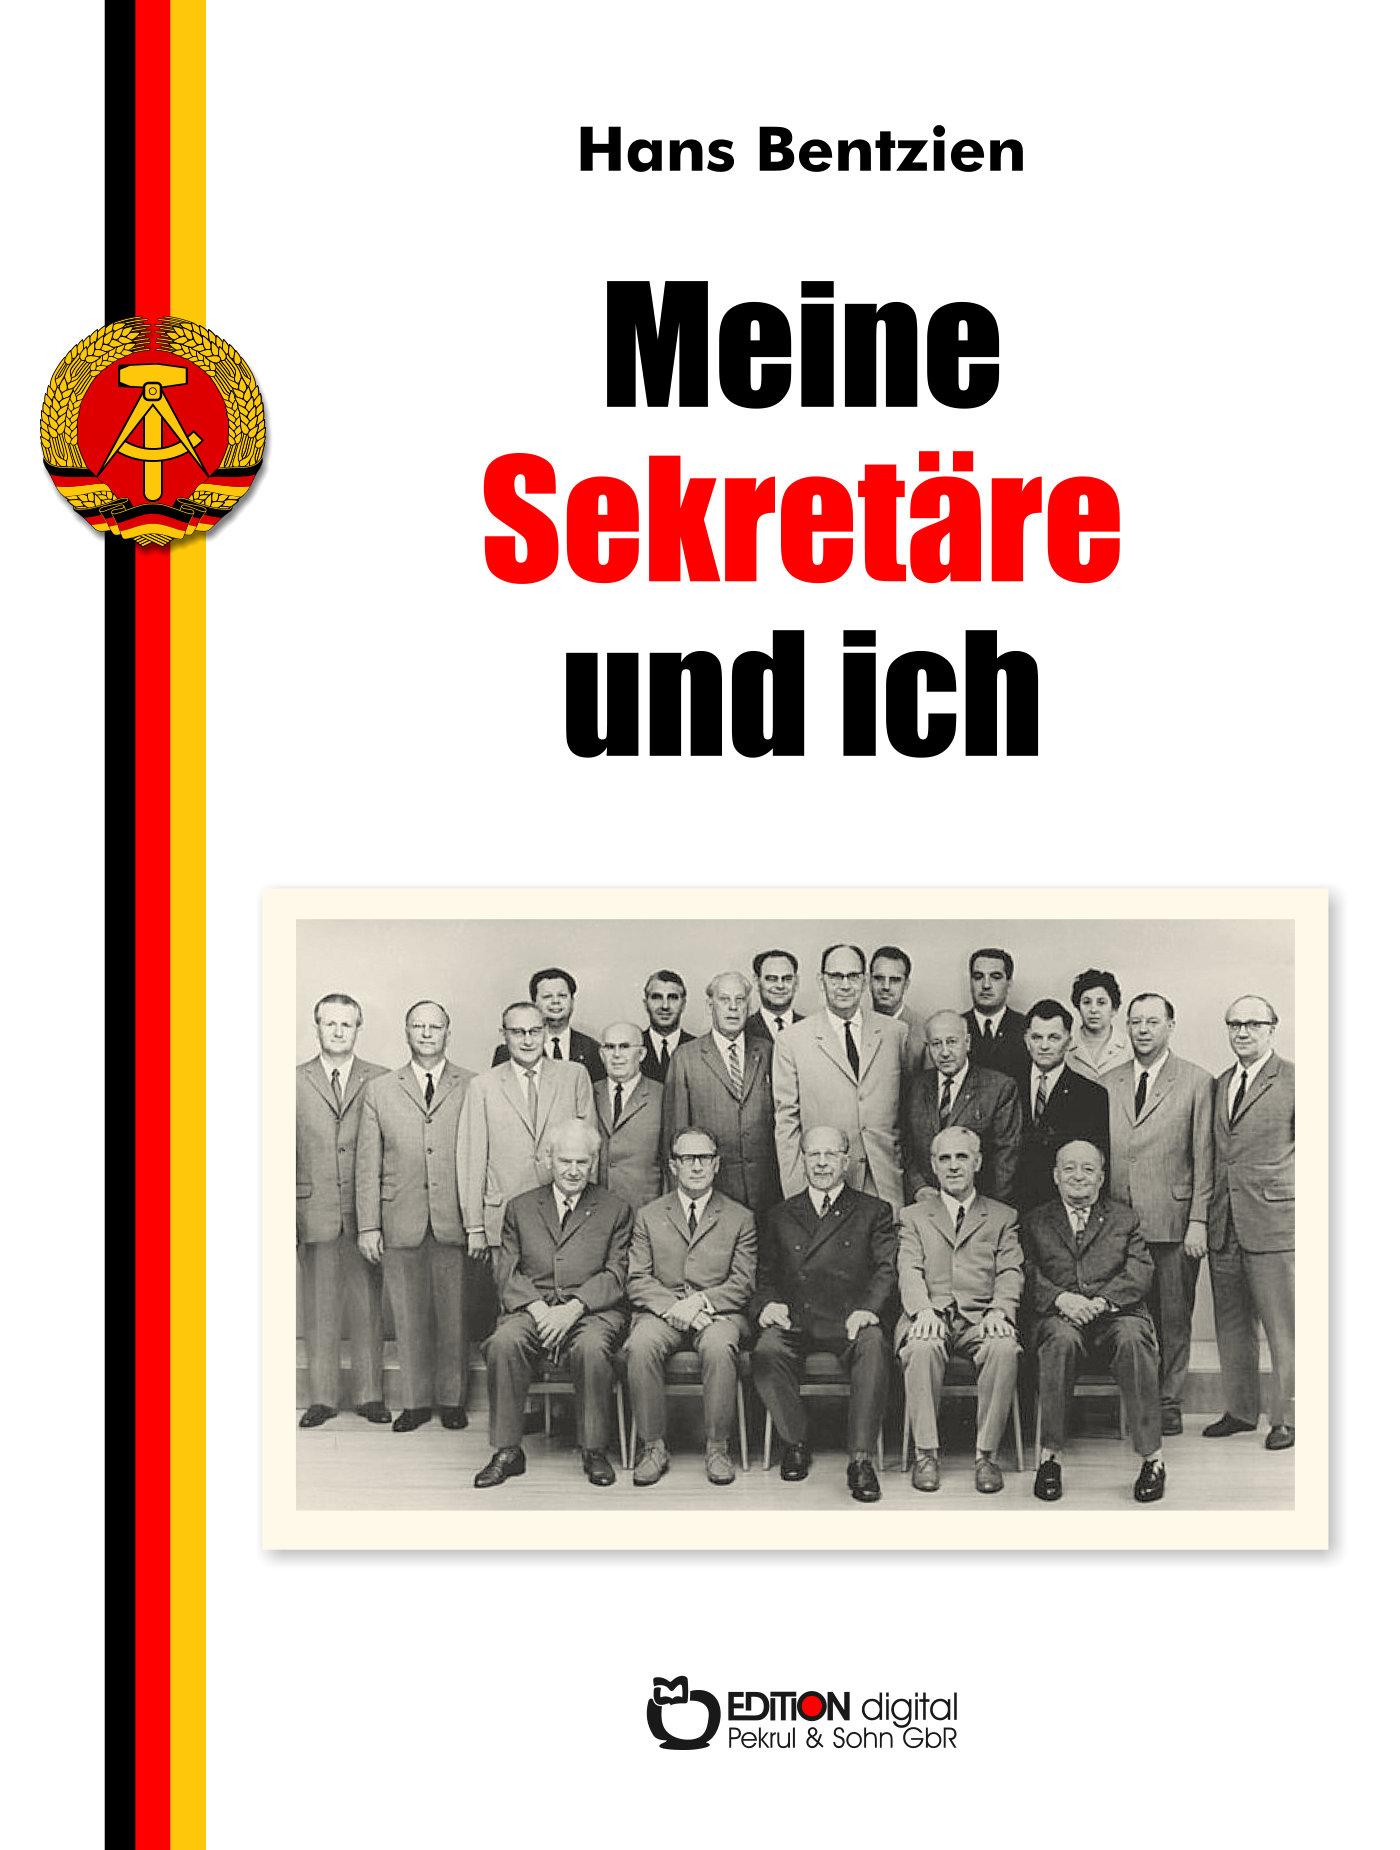 Meine Sekretäre und ich von Hans Bentzien